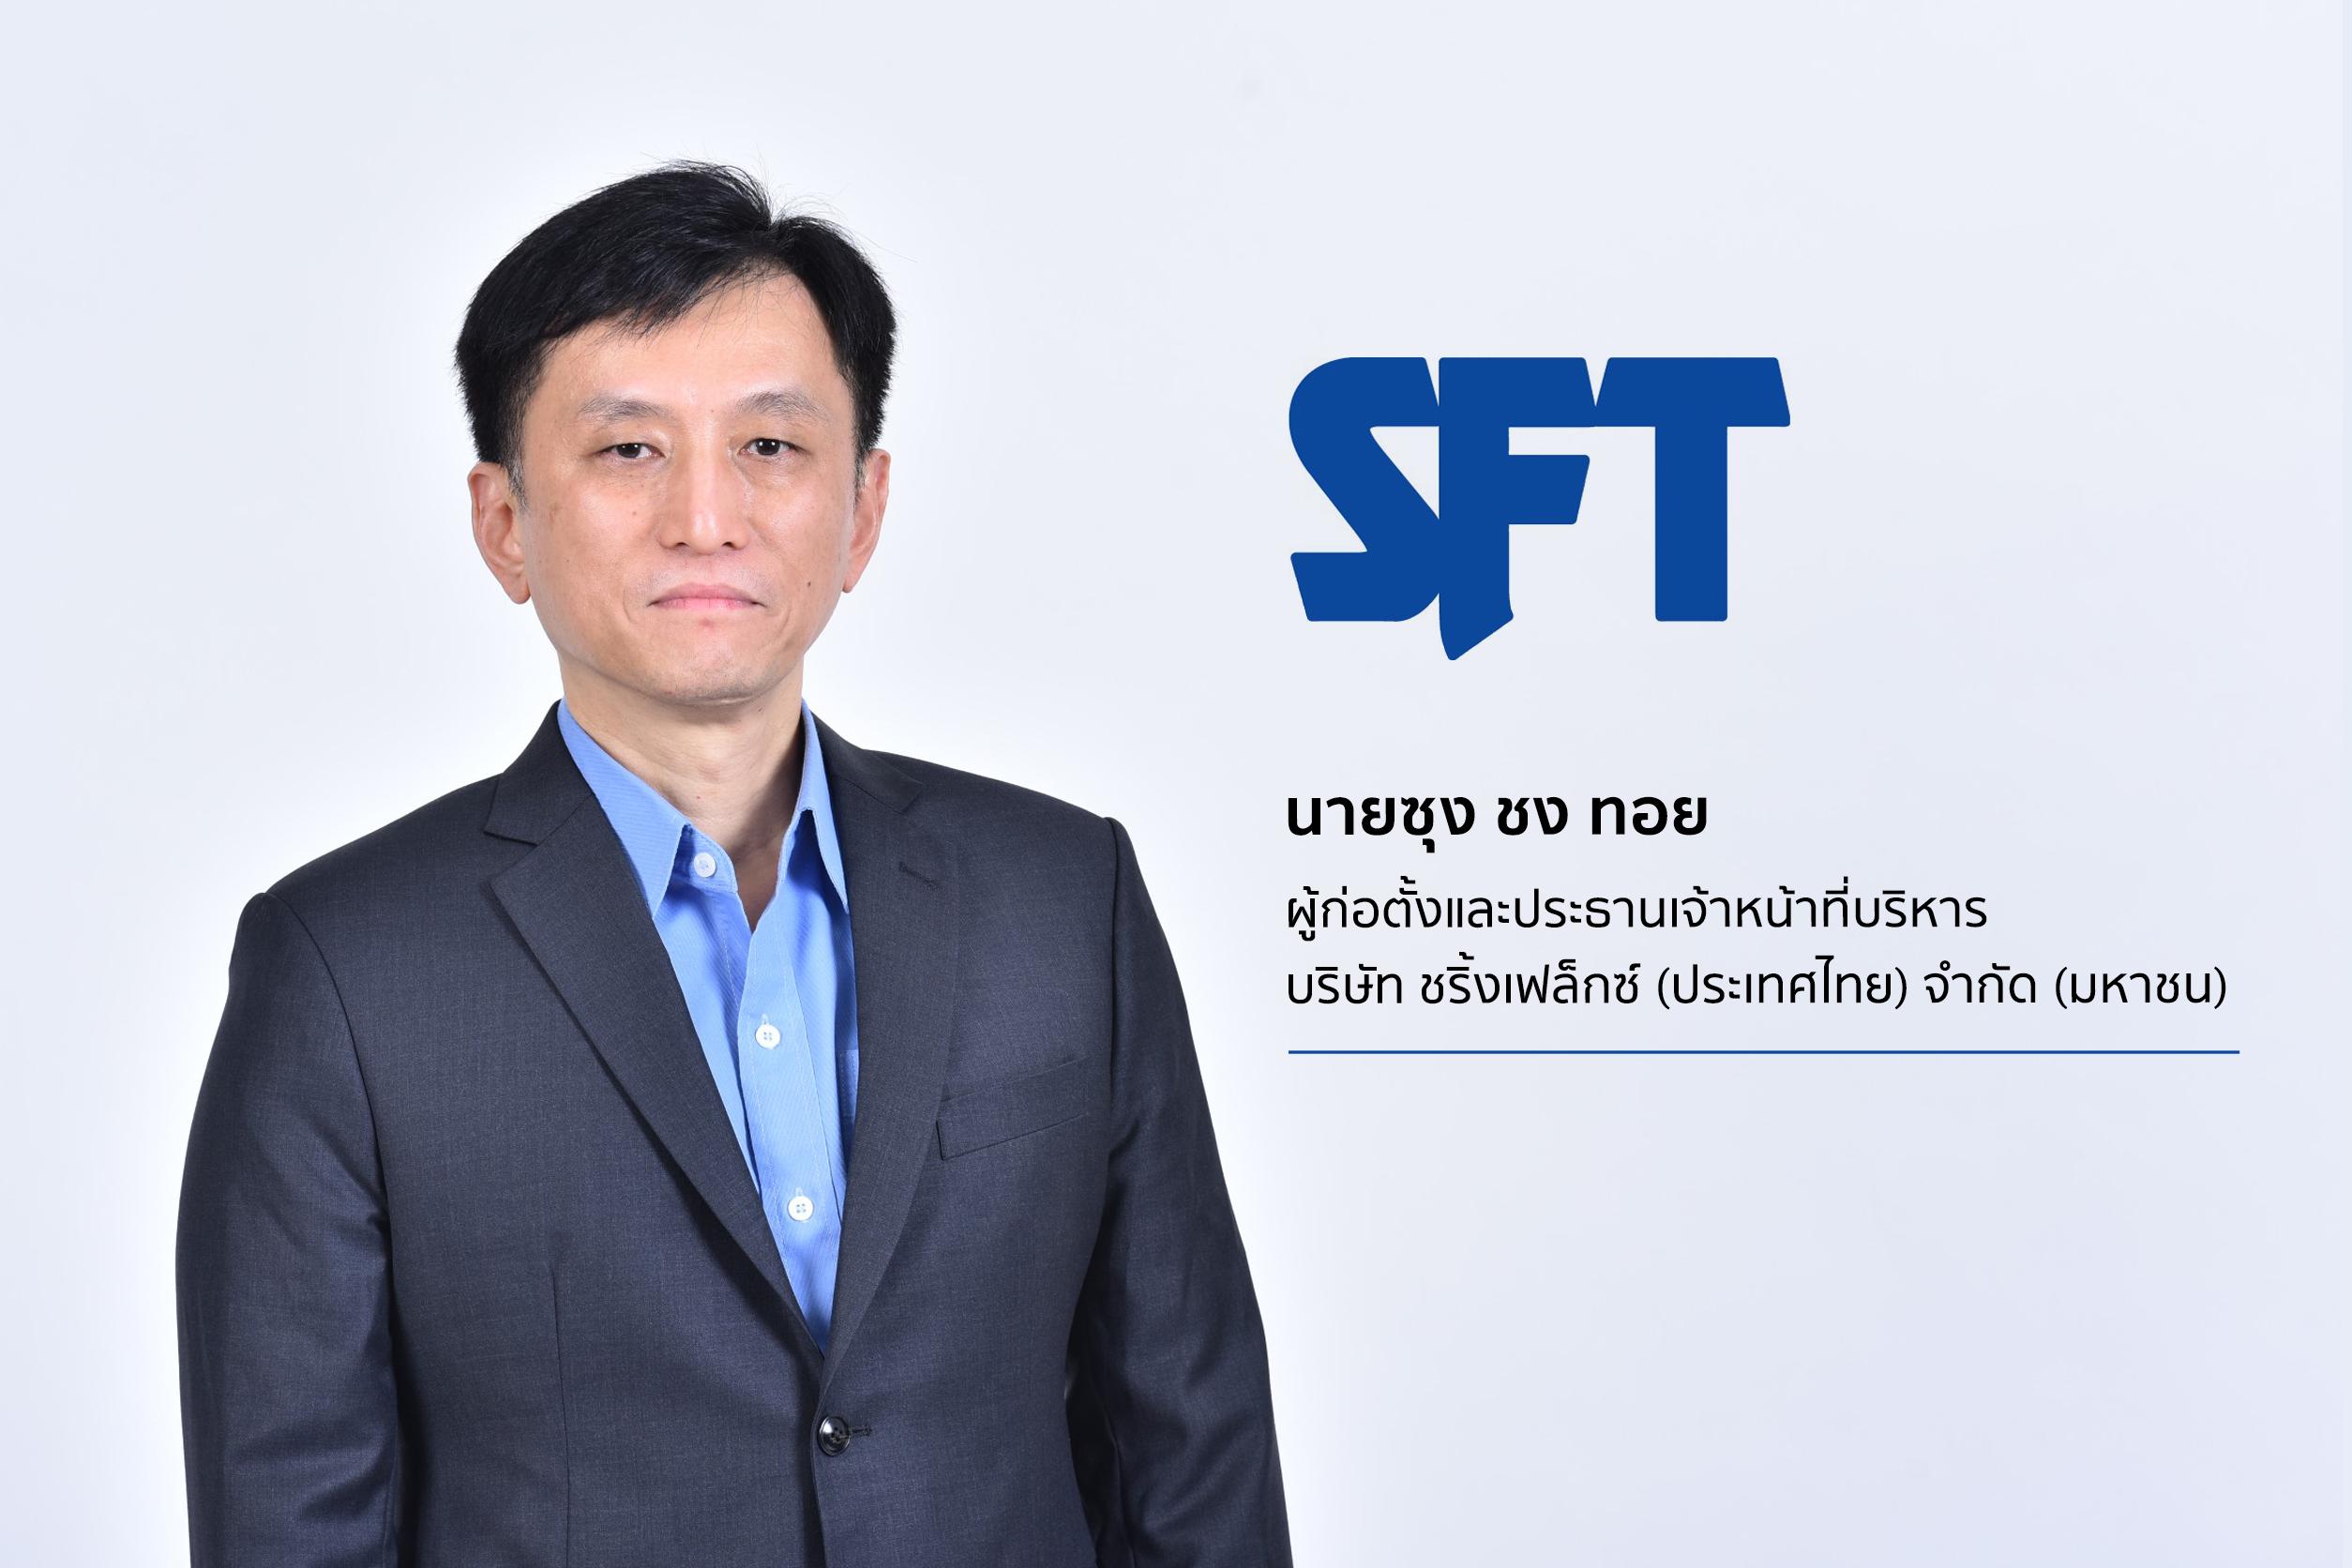 SFT พร้อมลั่นระฆังเข้าจดทะเบียนในตลาดหลักทรัพย์ เอ็ม เอ ไอ วันที่ 29 ต.ค.นี้